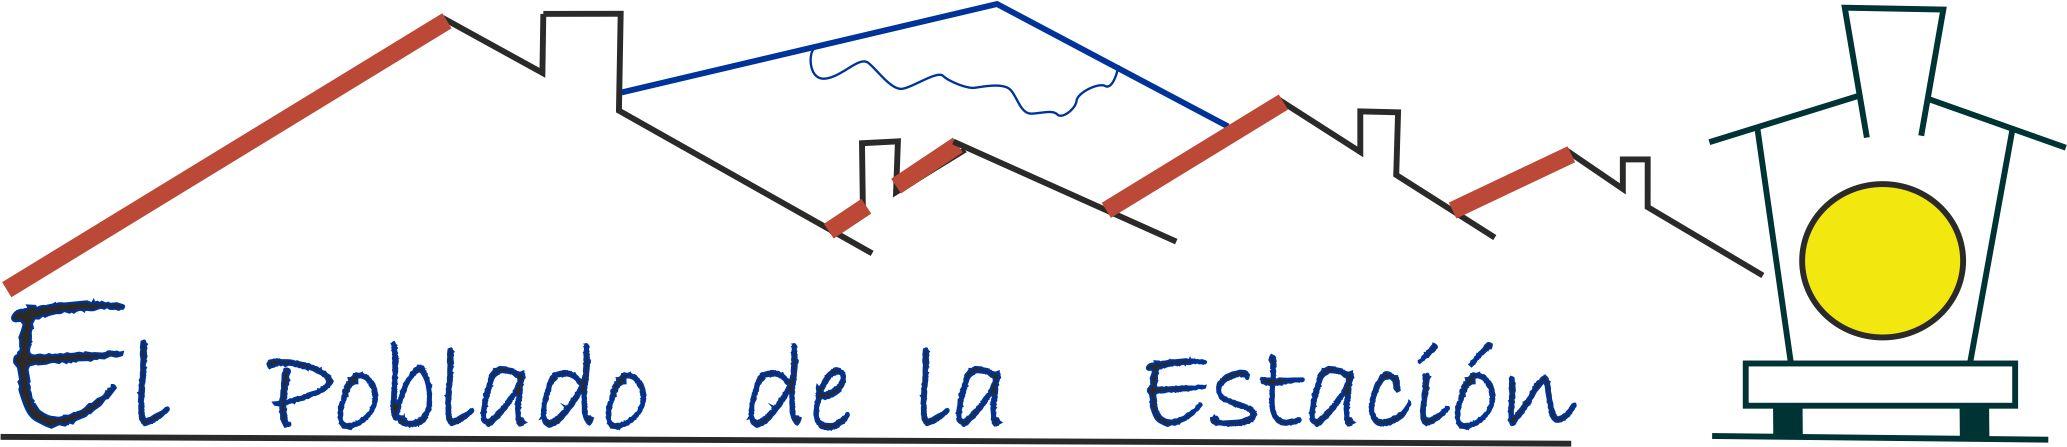 logo CONCTEC POBLADO